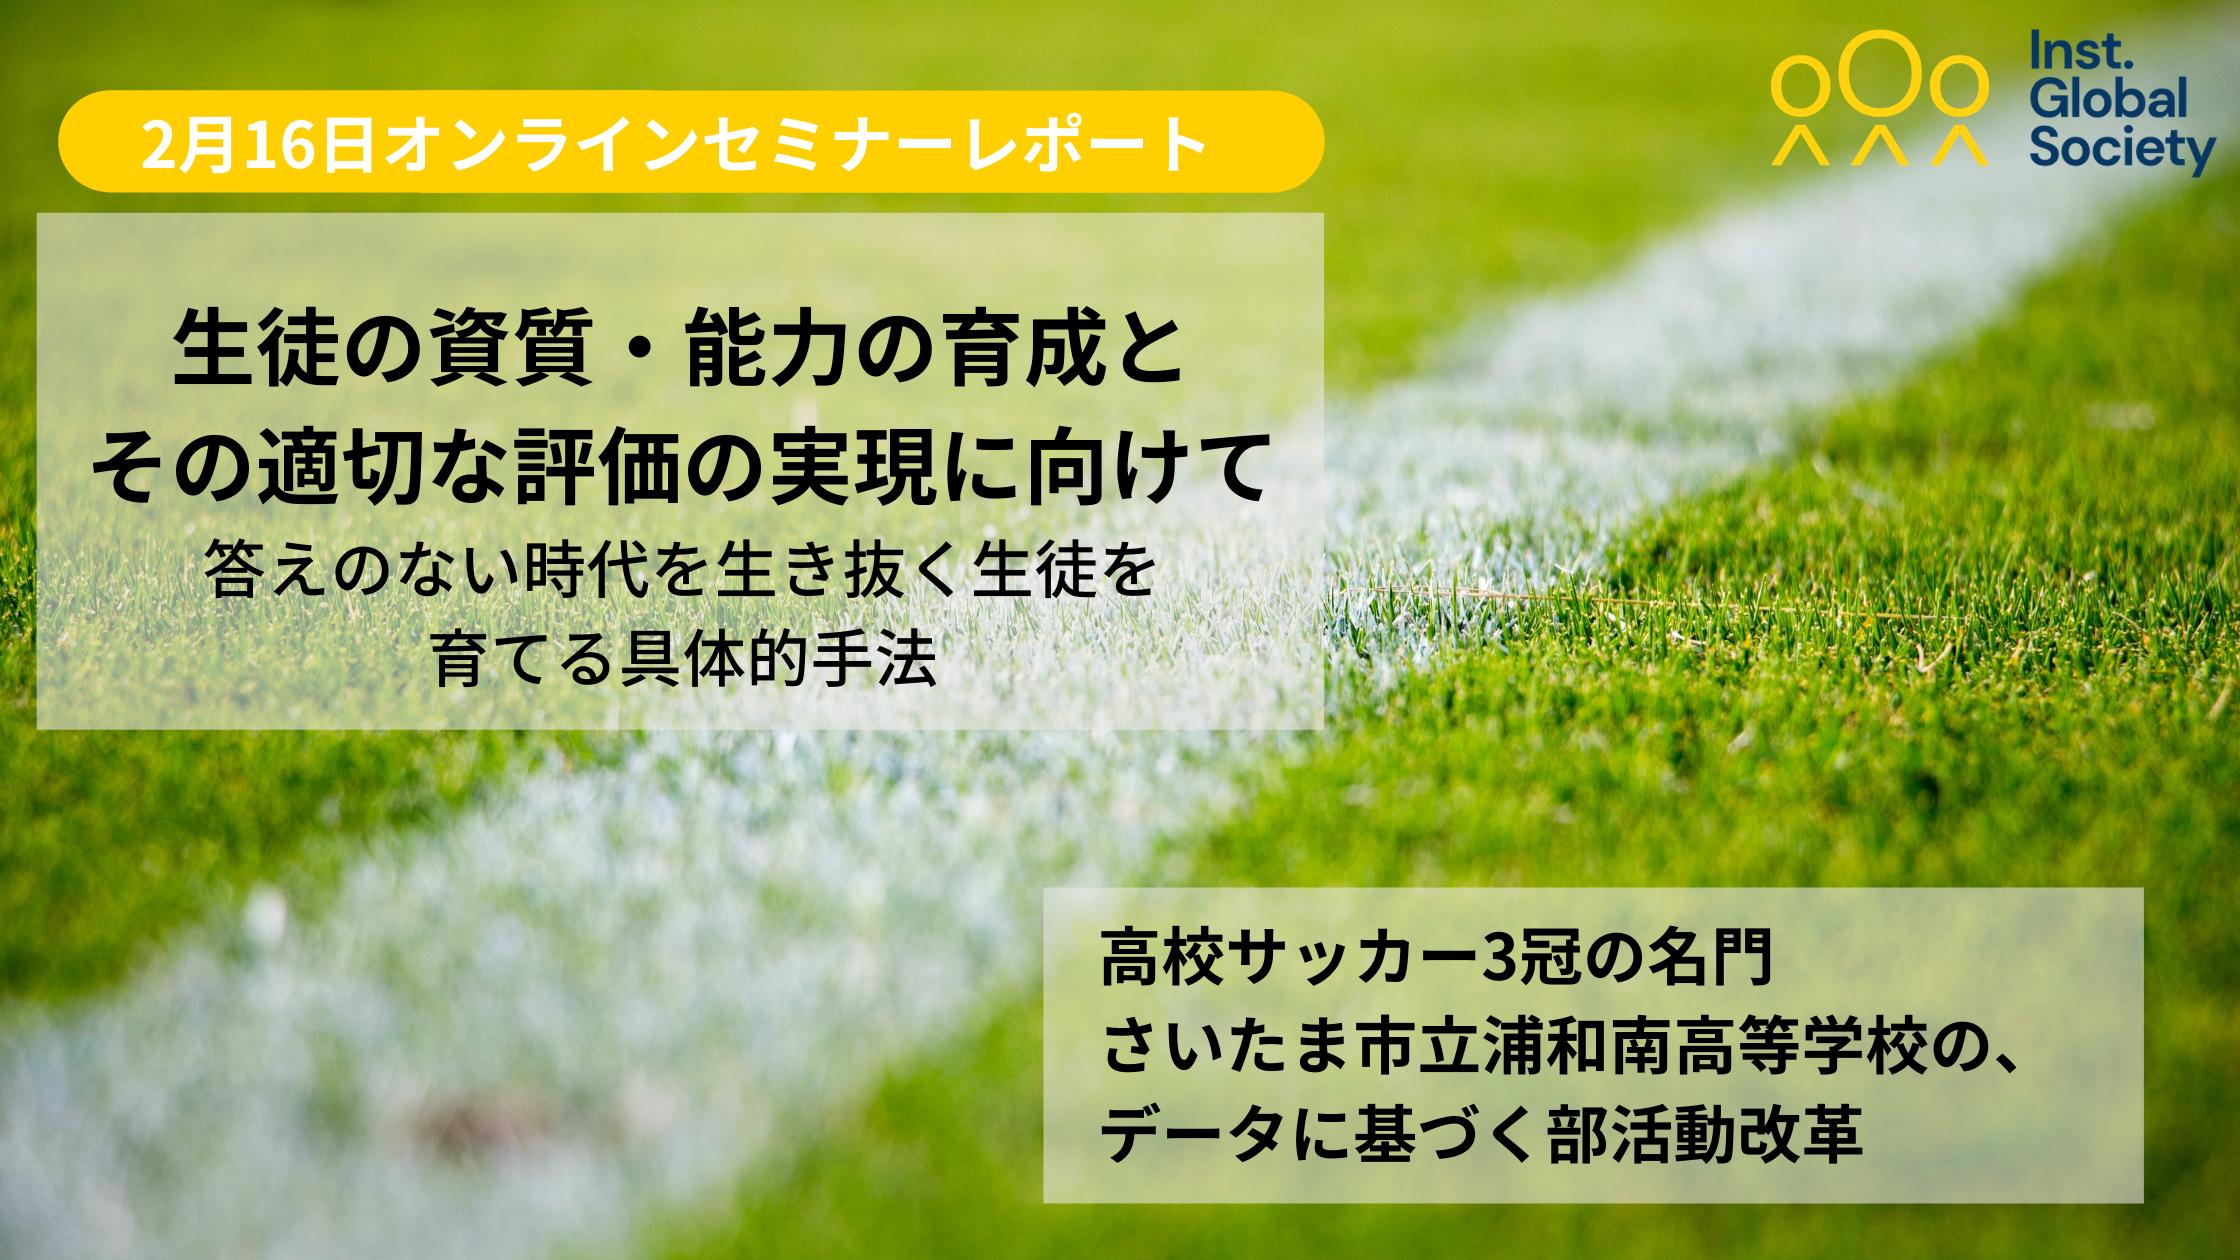 【セミナーレポート】高校サッカー3冠の名門・さいたま市立浦和南高等学校の、データに基づく部活動改革